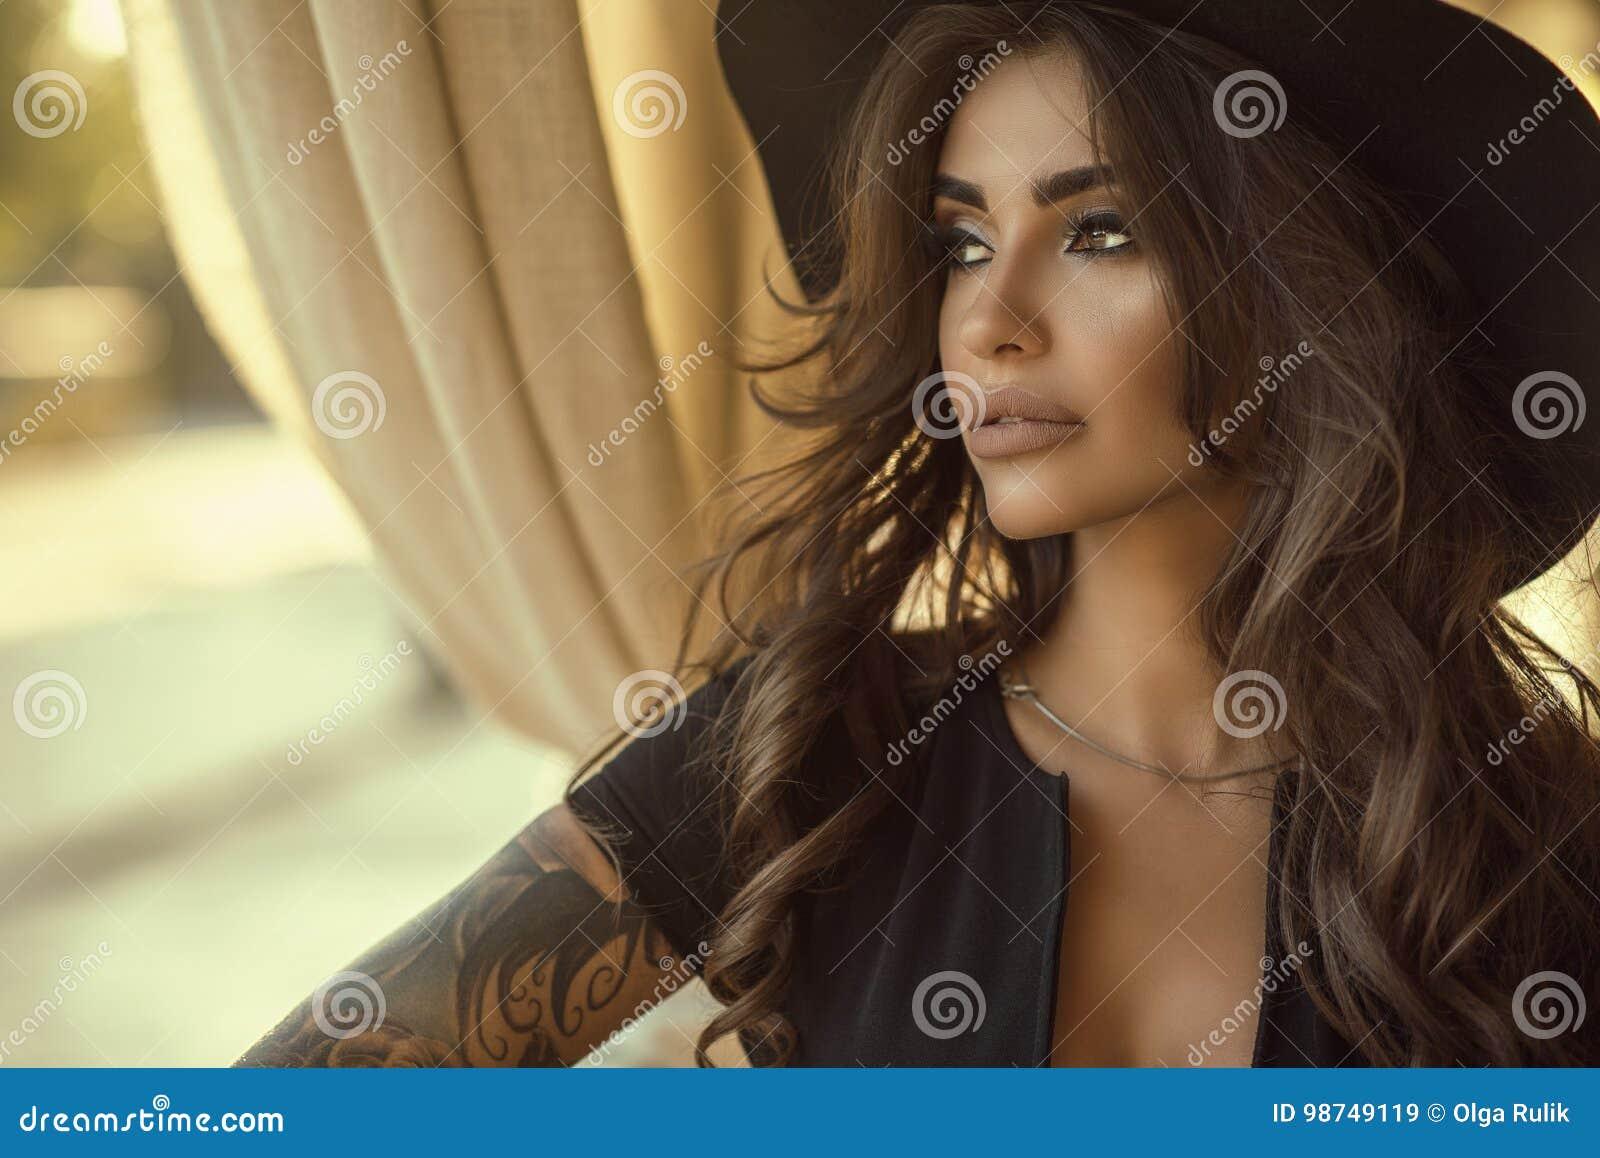 Schließen Sie herauf Porträt des schönen gebräunten Zauber tätowierten Modells mit dem langen gewellten Haar, das schwarzes Kleid